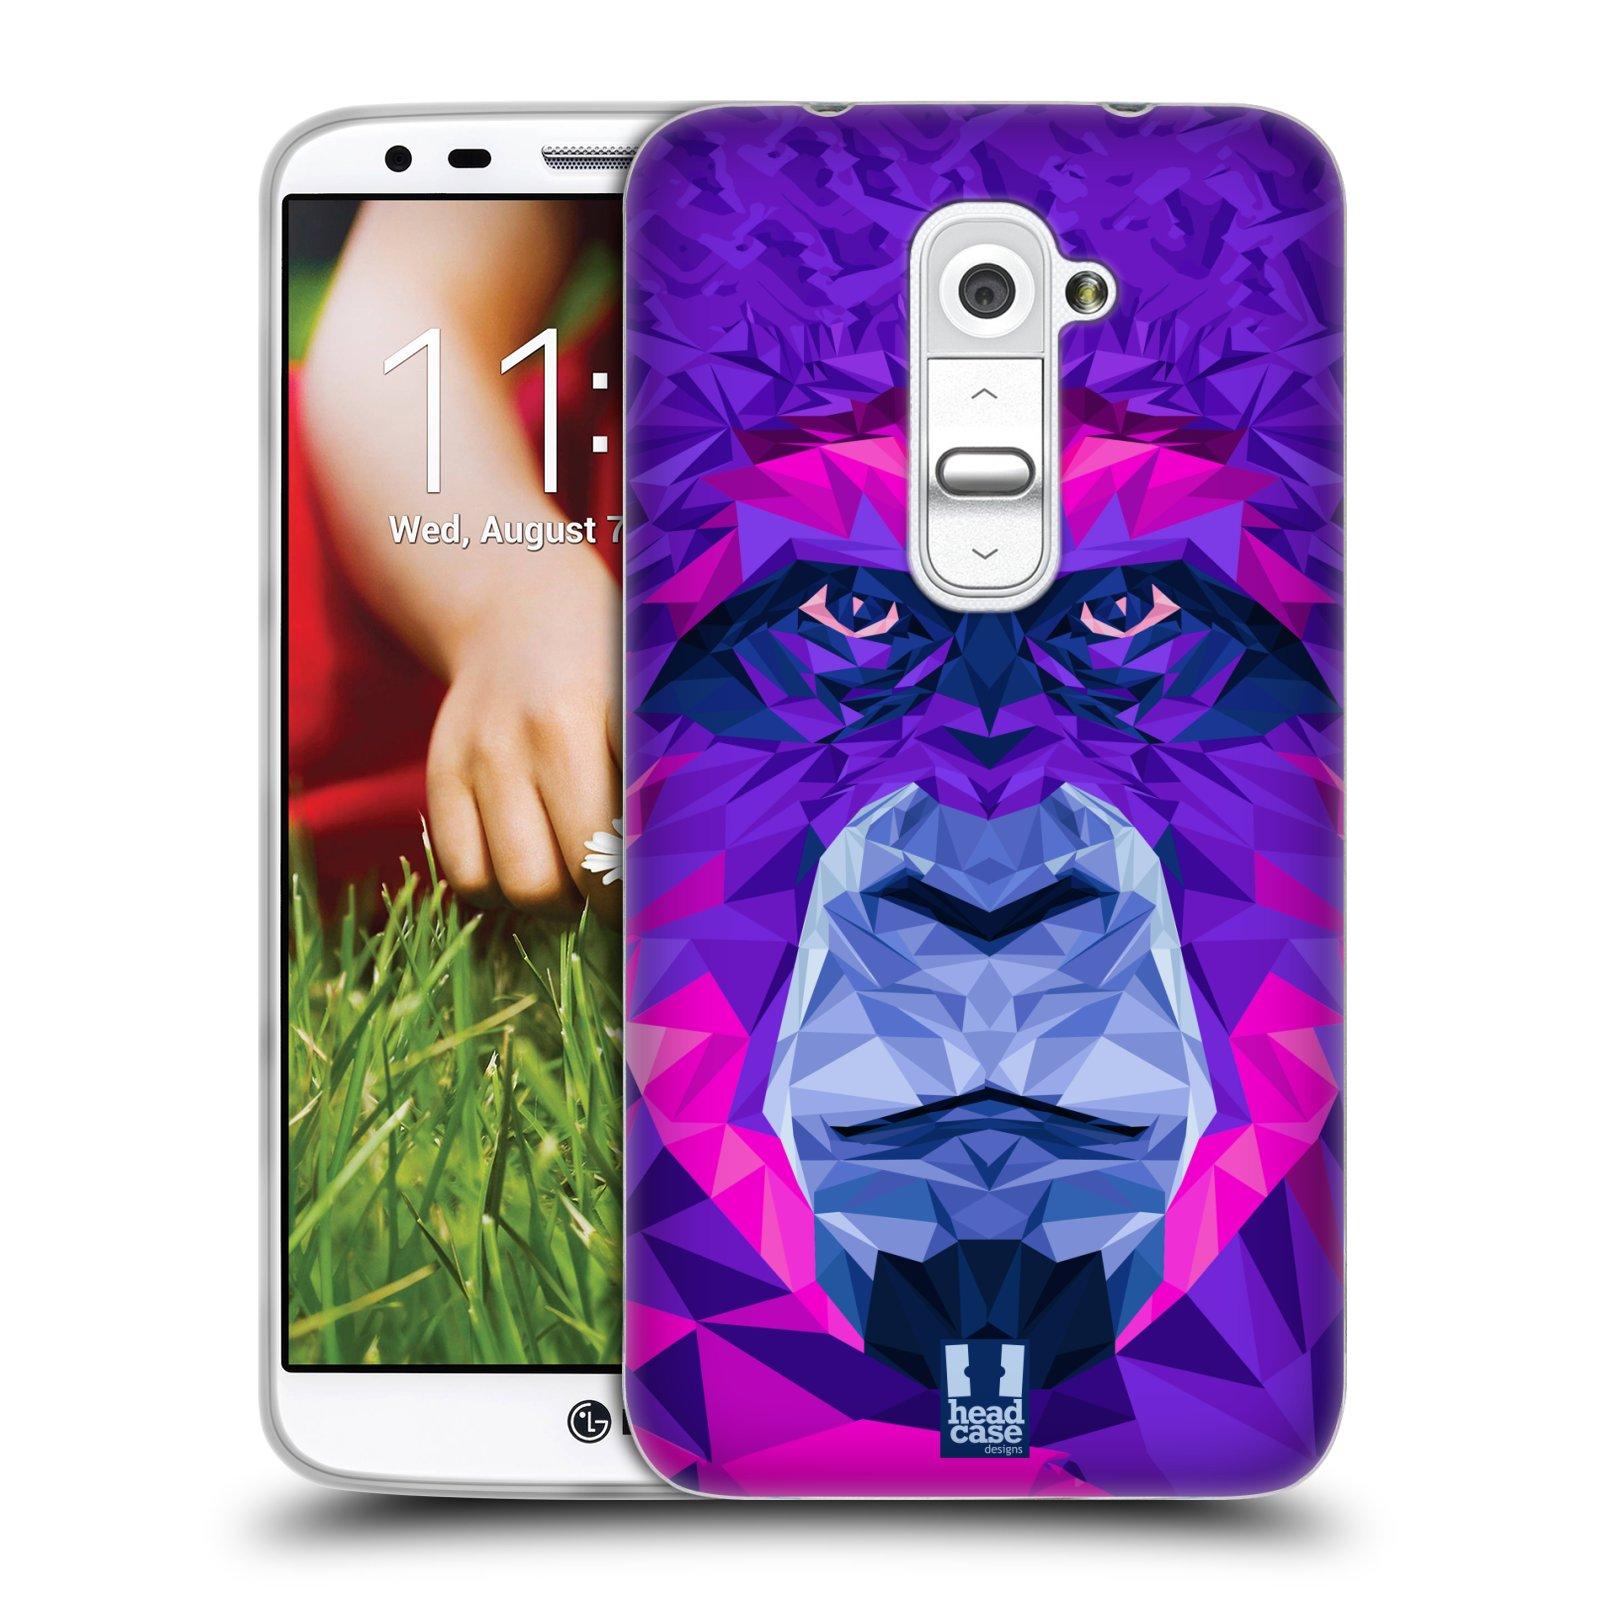 HEAD CASE silikonový obal na mobil LG G2 vzor Geometrická zvířata 2 Orangutan